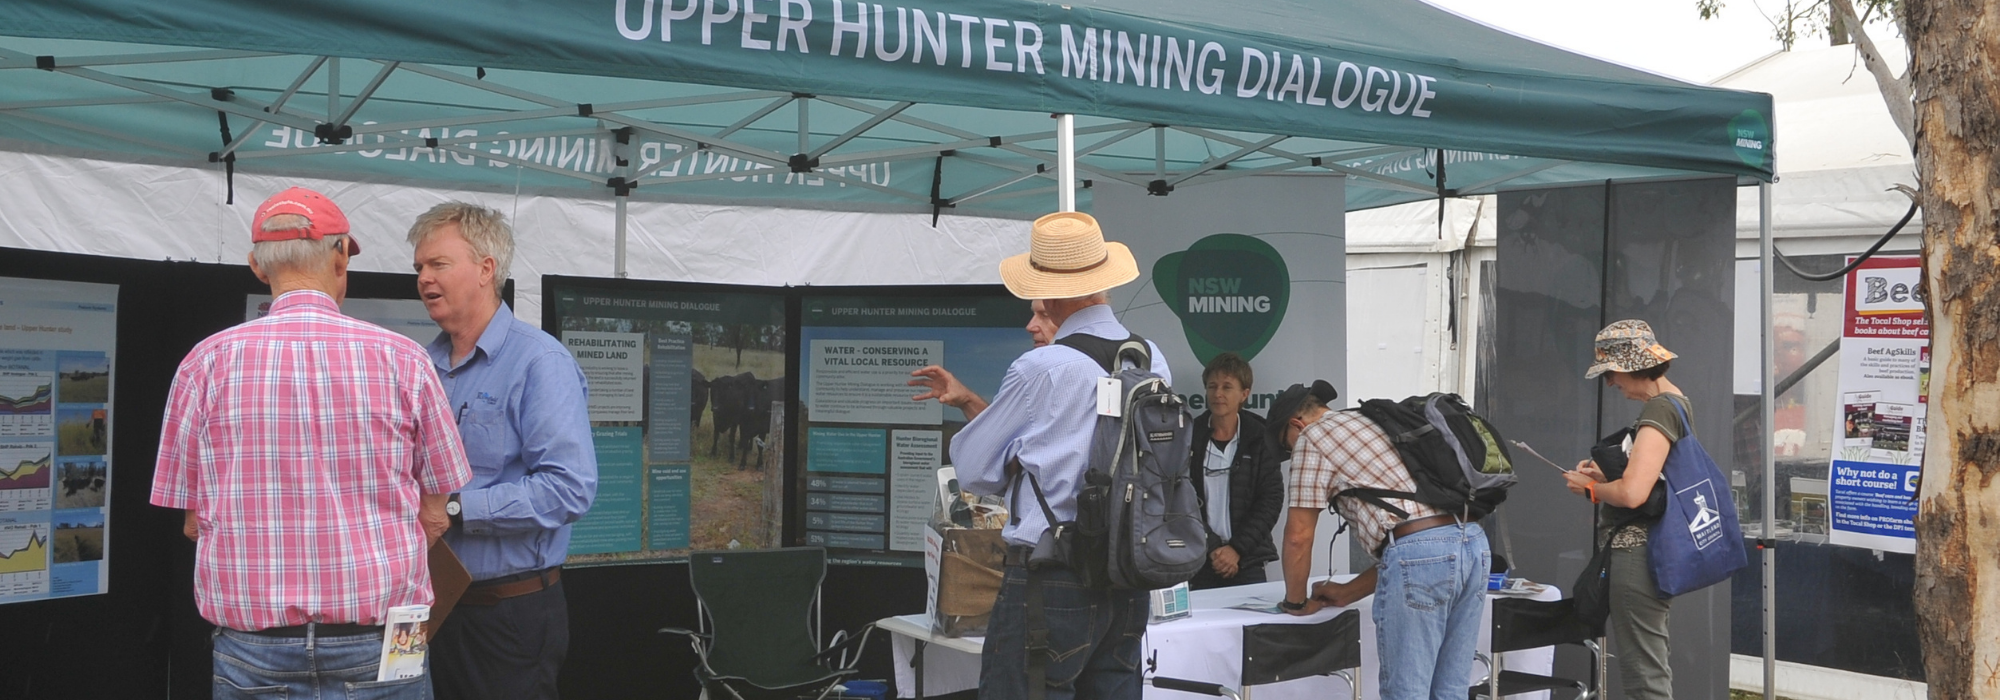 Third annual Upper Hunter Mining Dialogue meeting a huge success